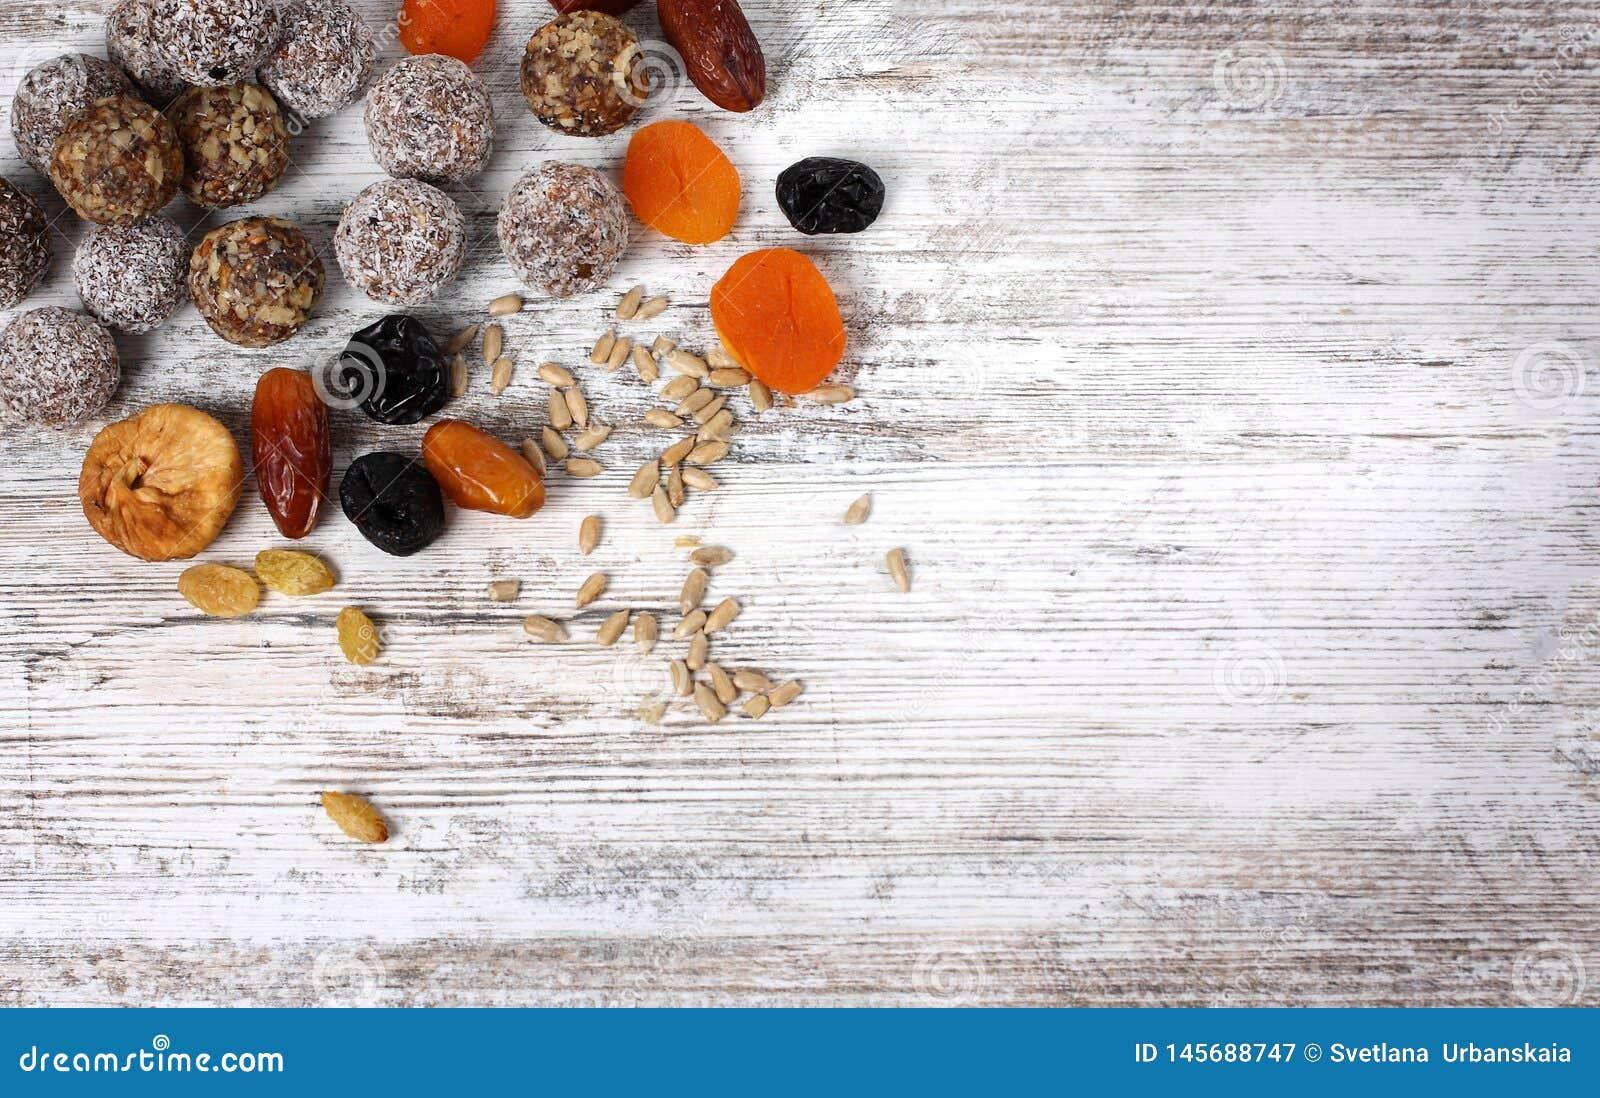 Caramelos hechos en casa sanos coloridos con las nueces, frutas secas